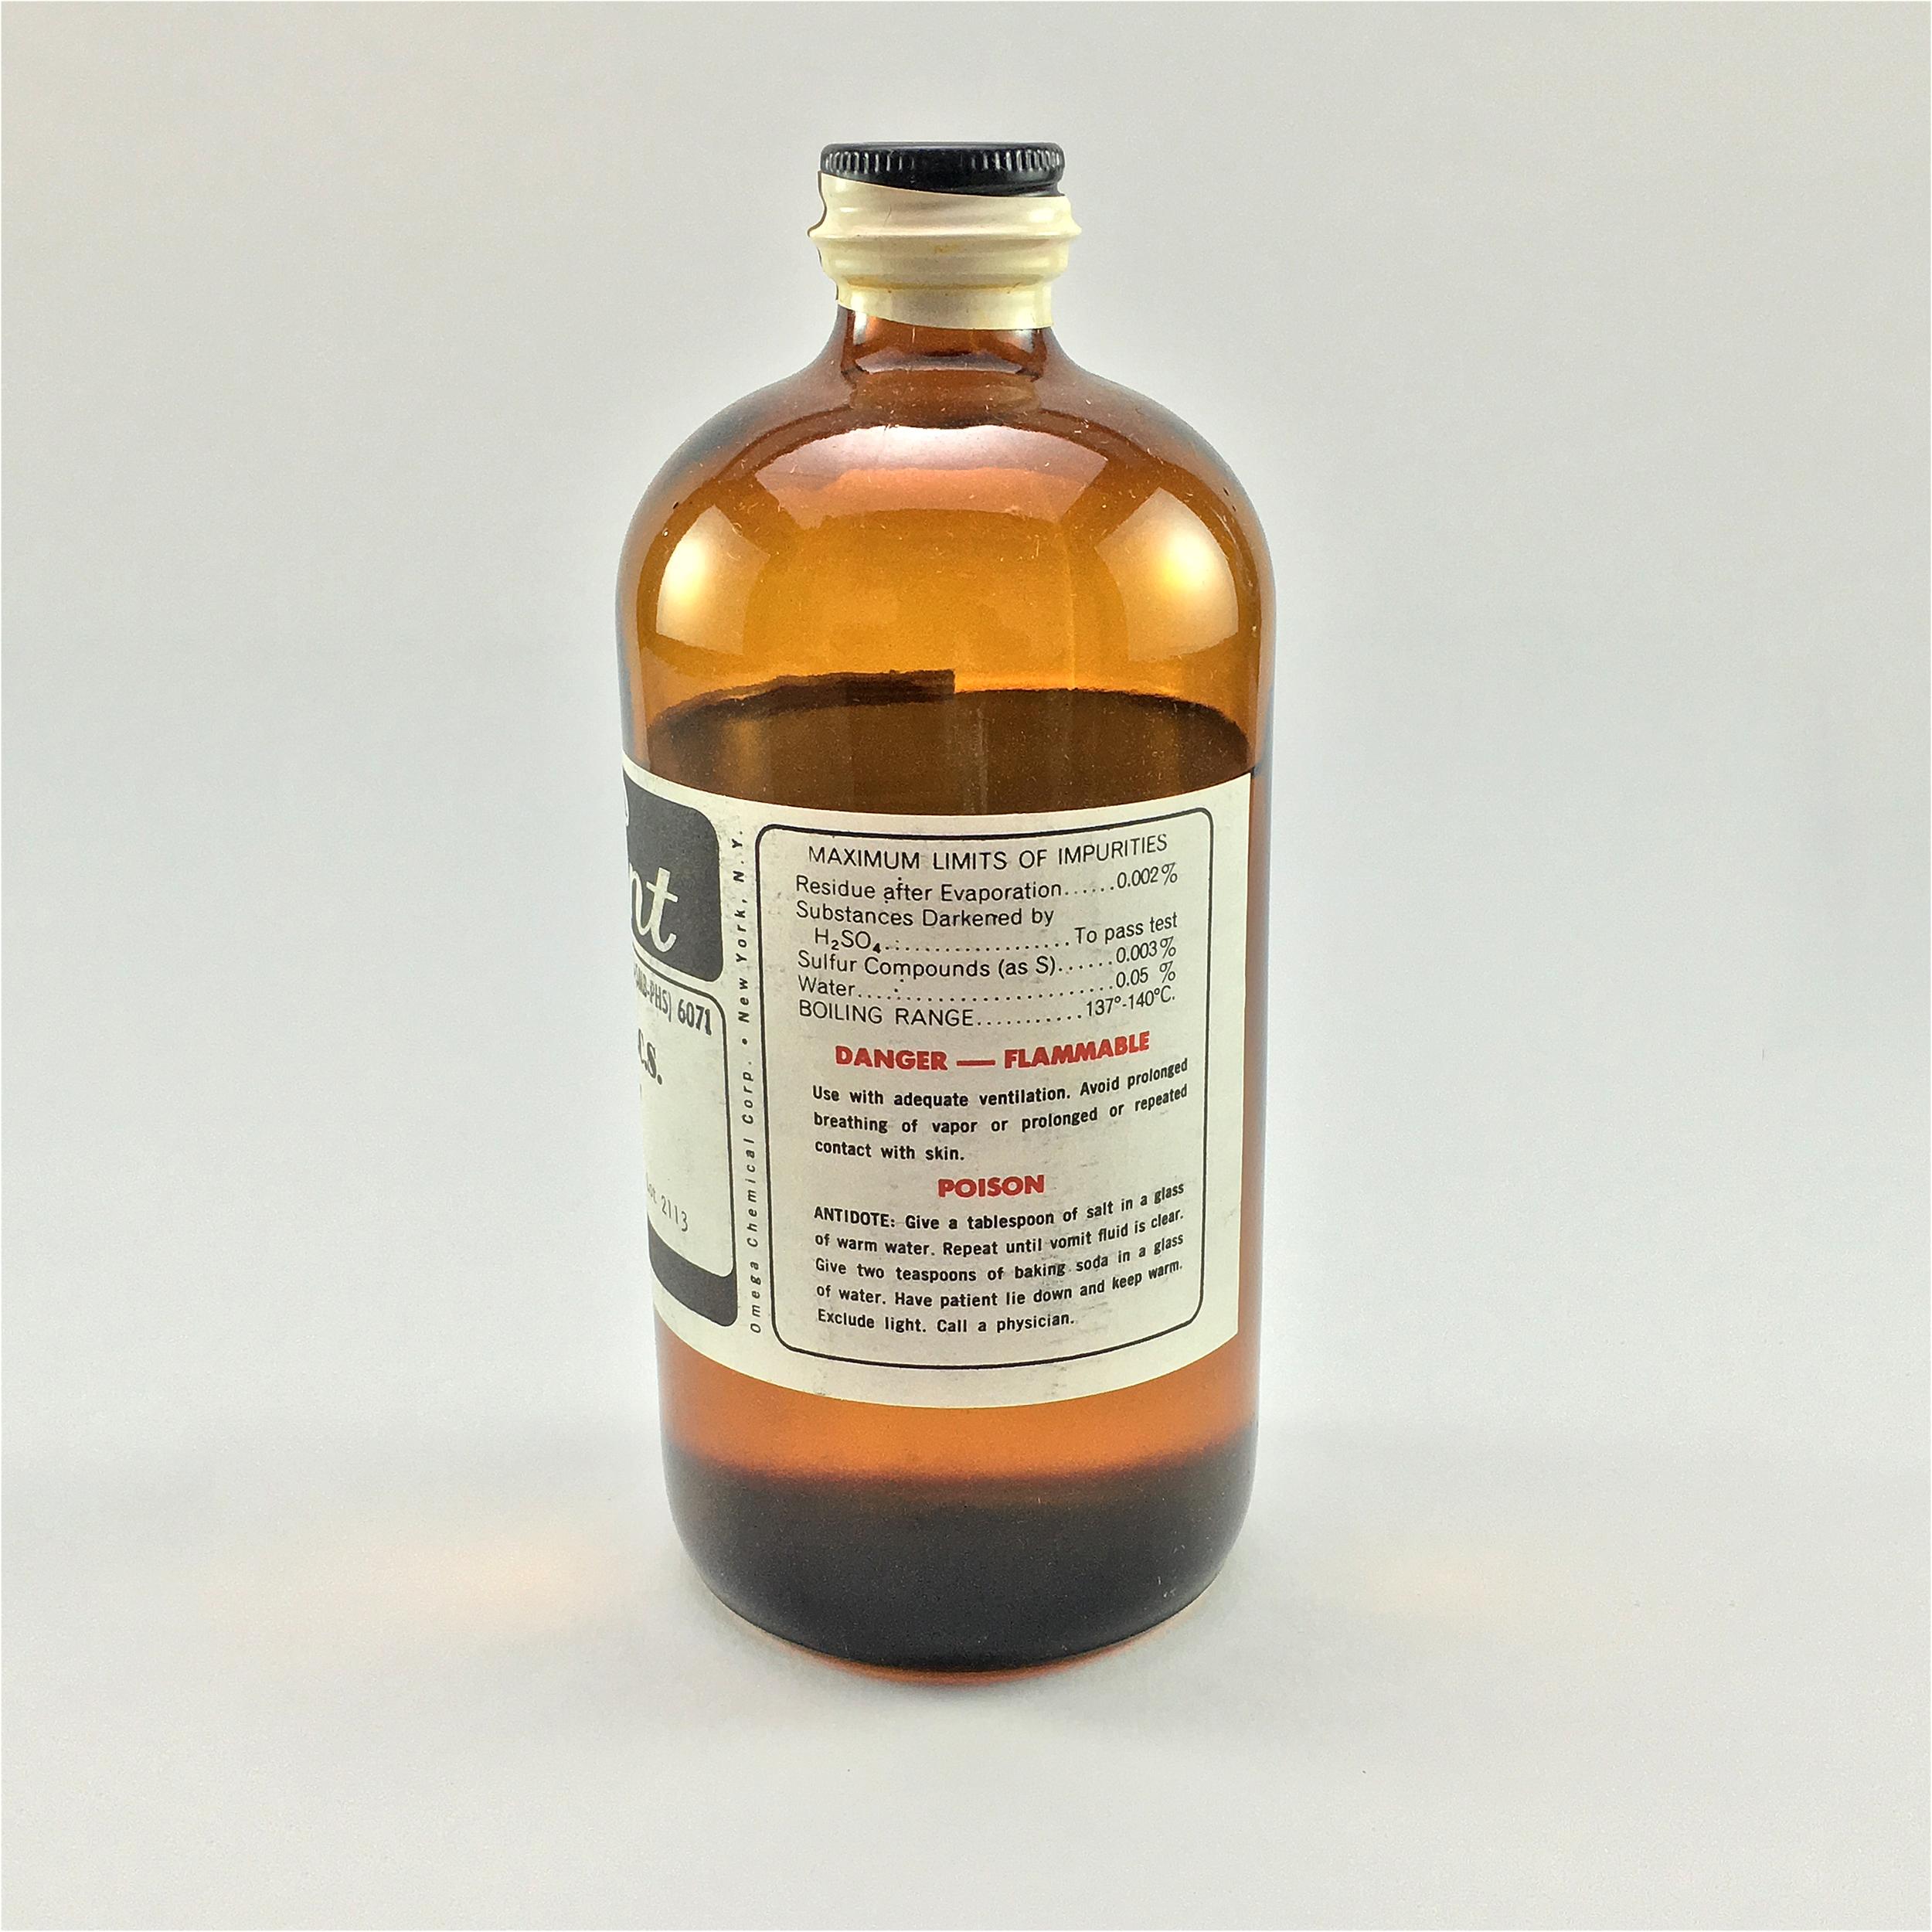 xylene-medical-bottle-side.jpg